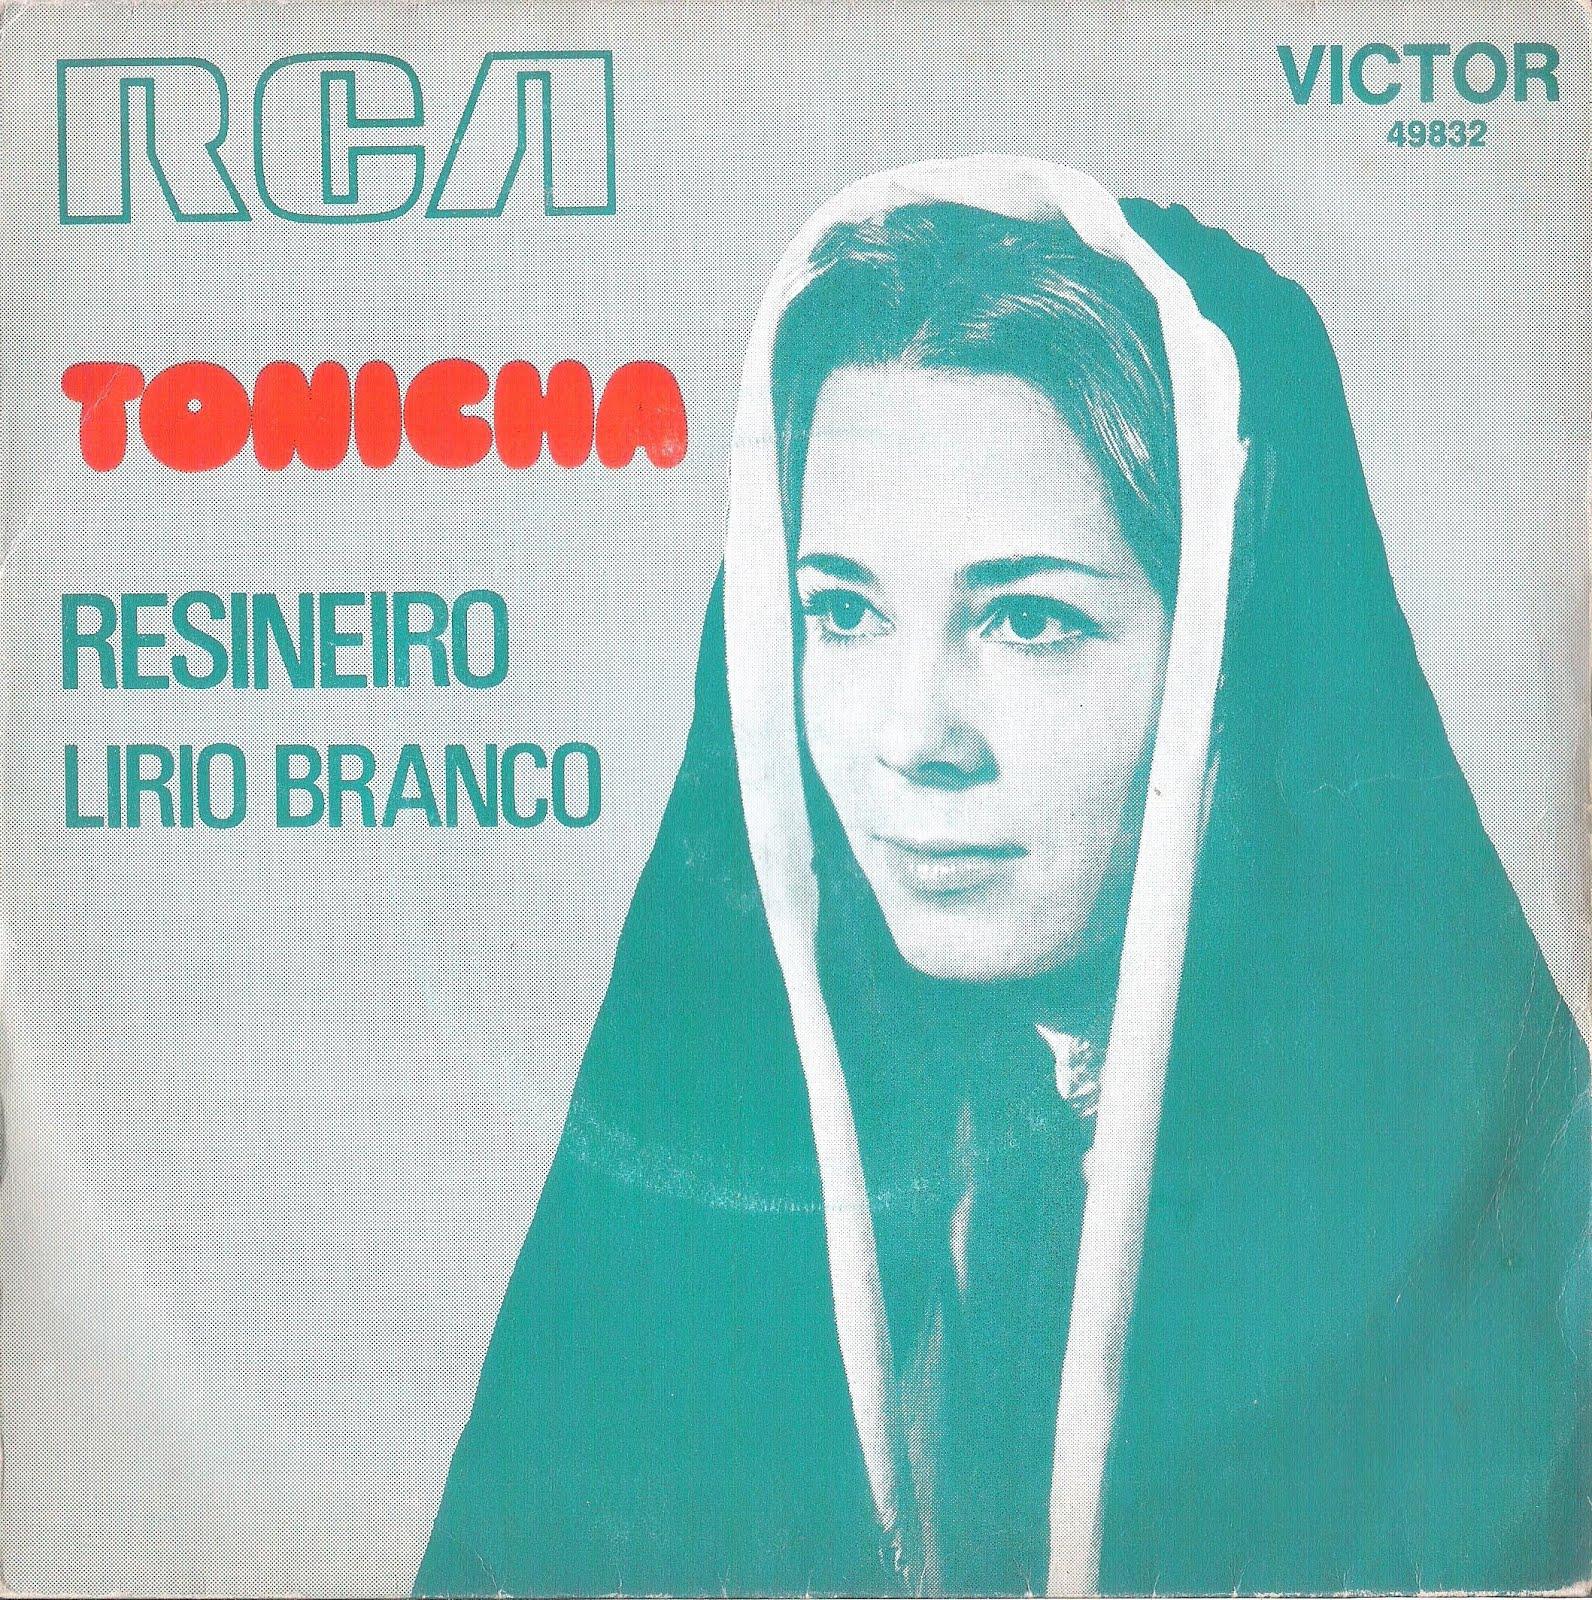 Resineiro, 1970